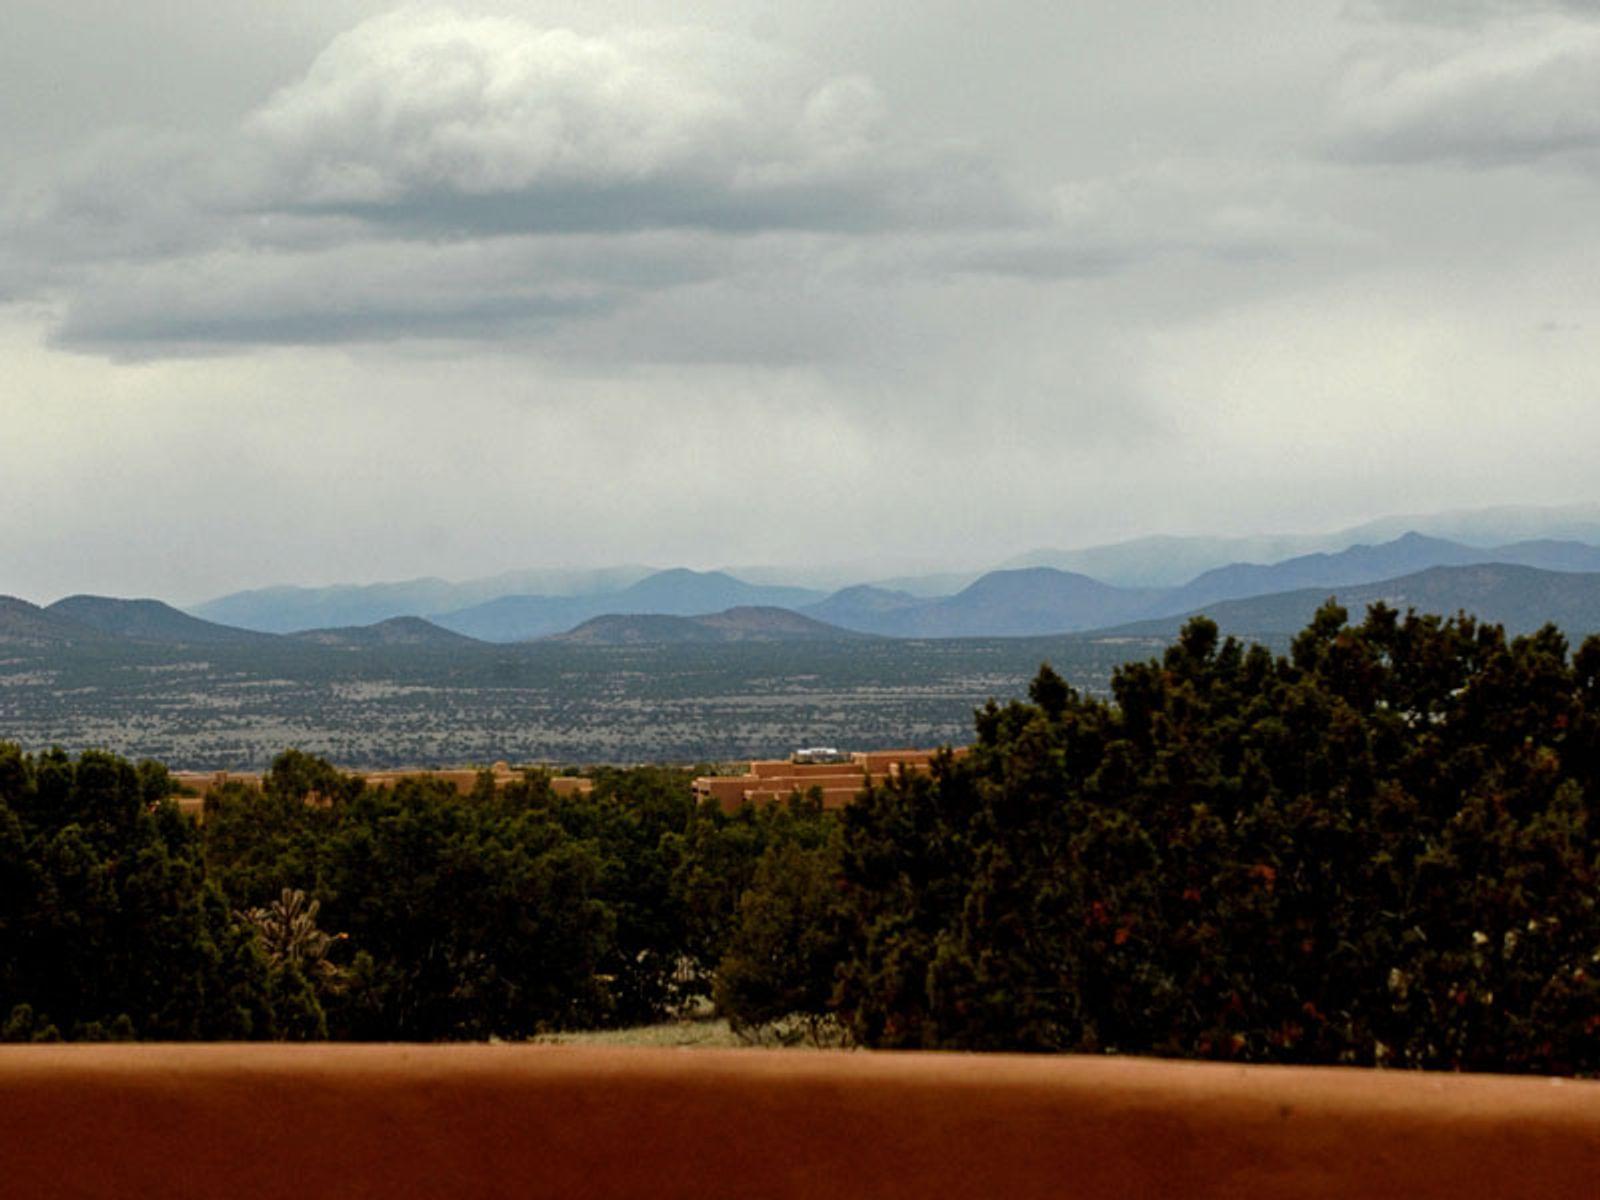 19 Picacho Peak